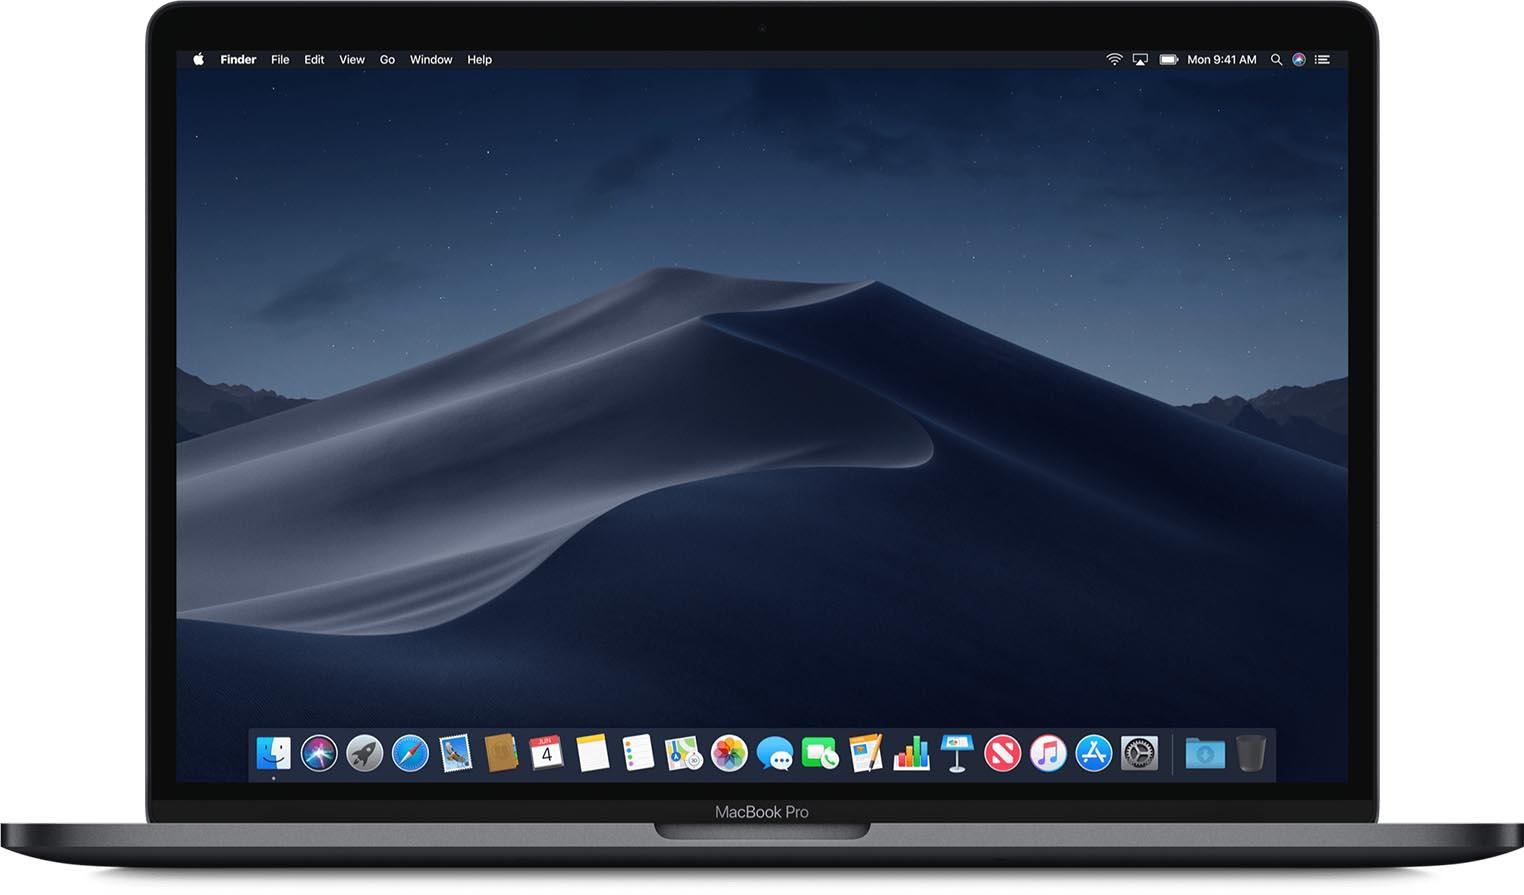 MacBook Pro 15,4 2018